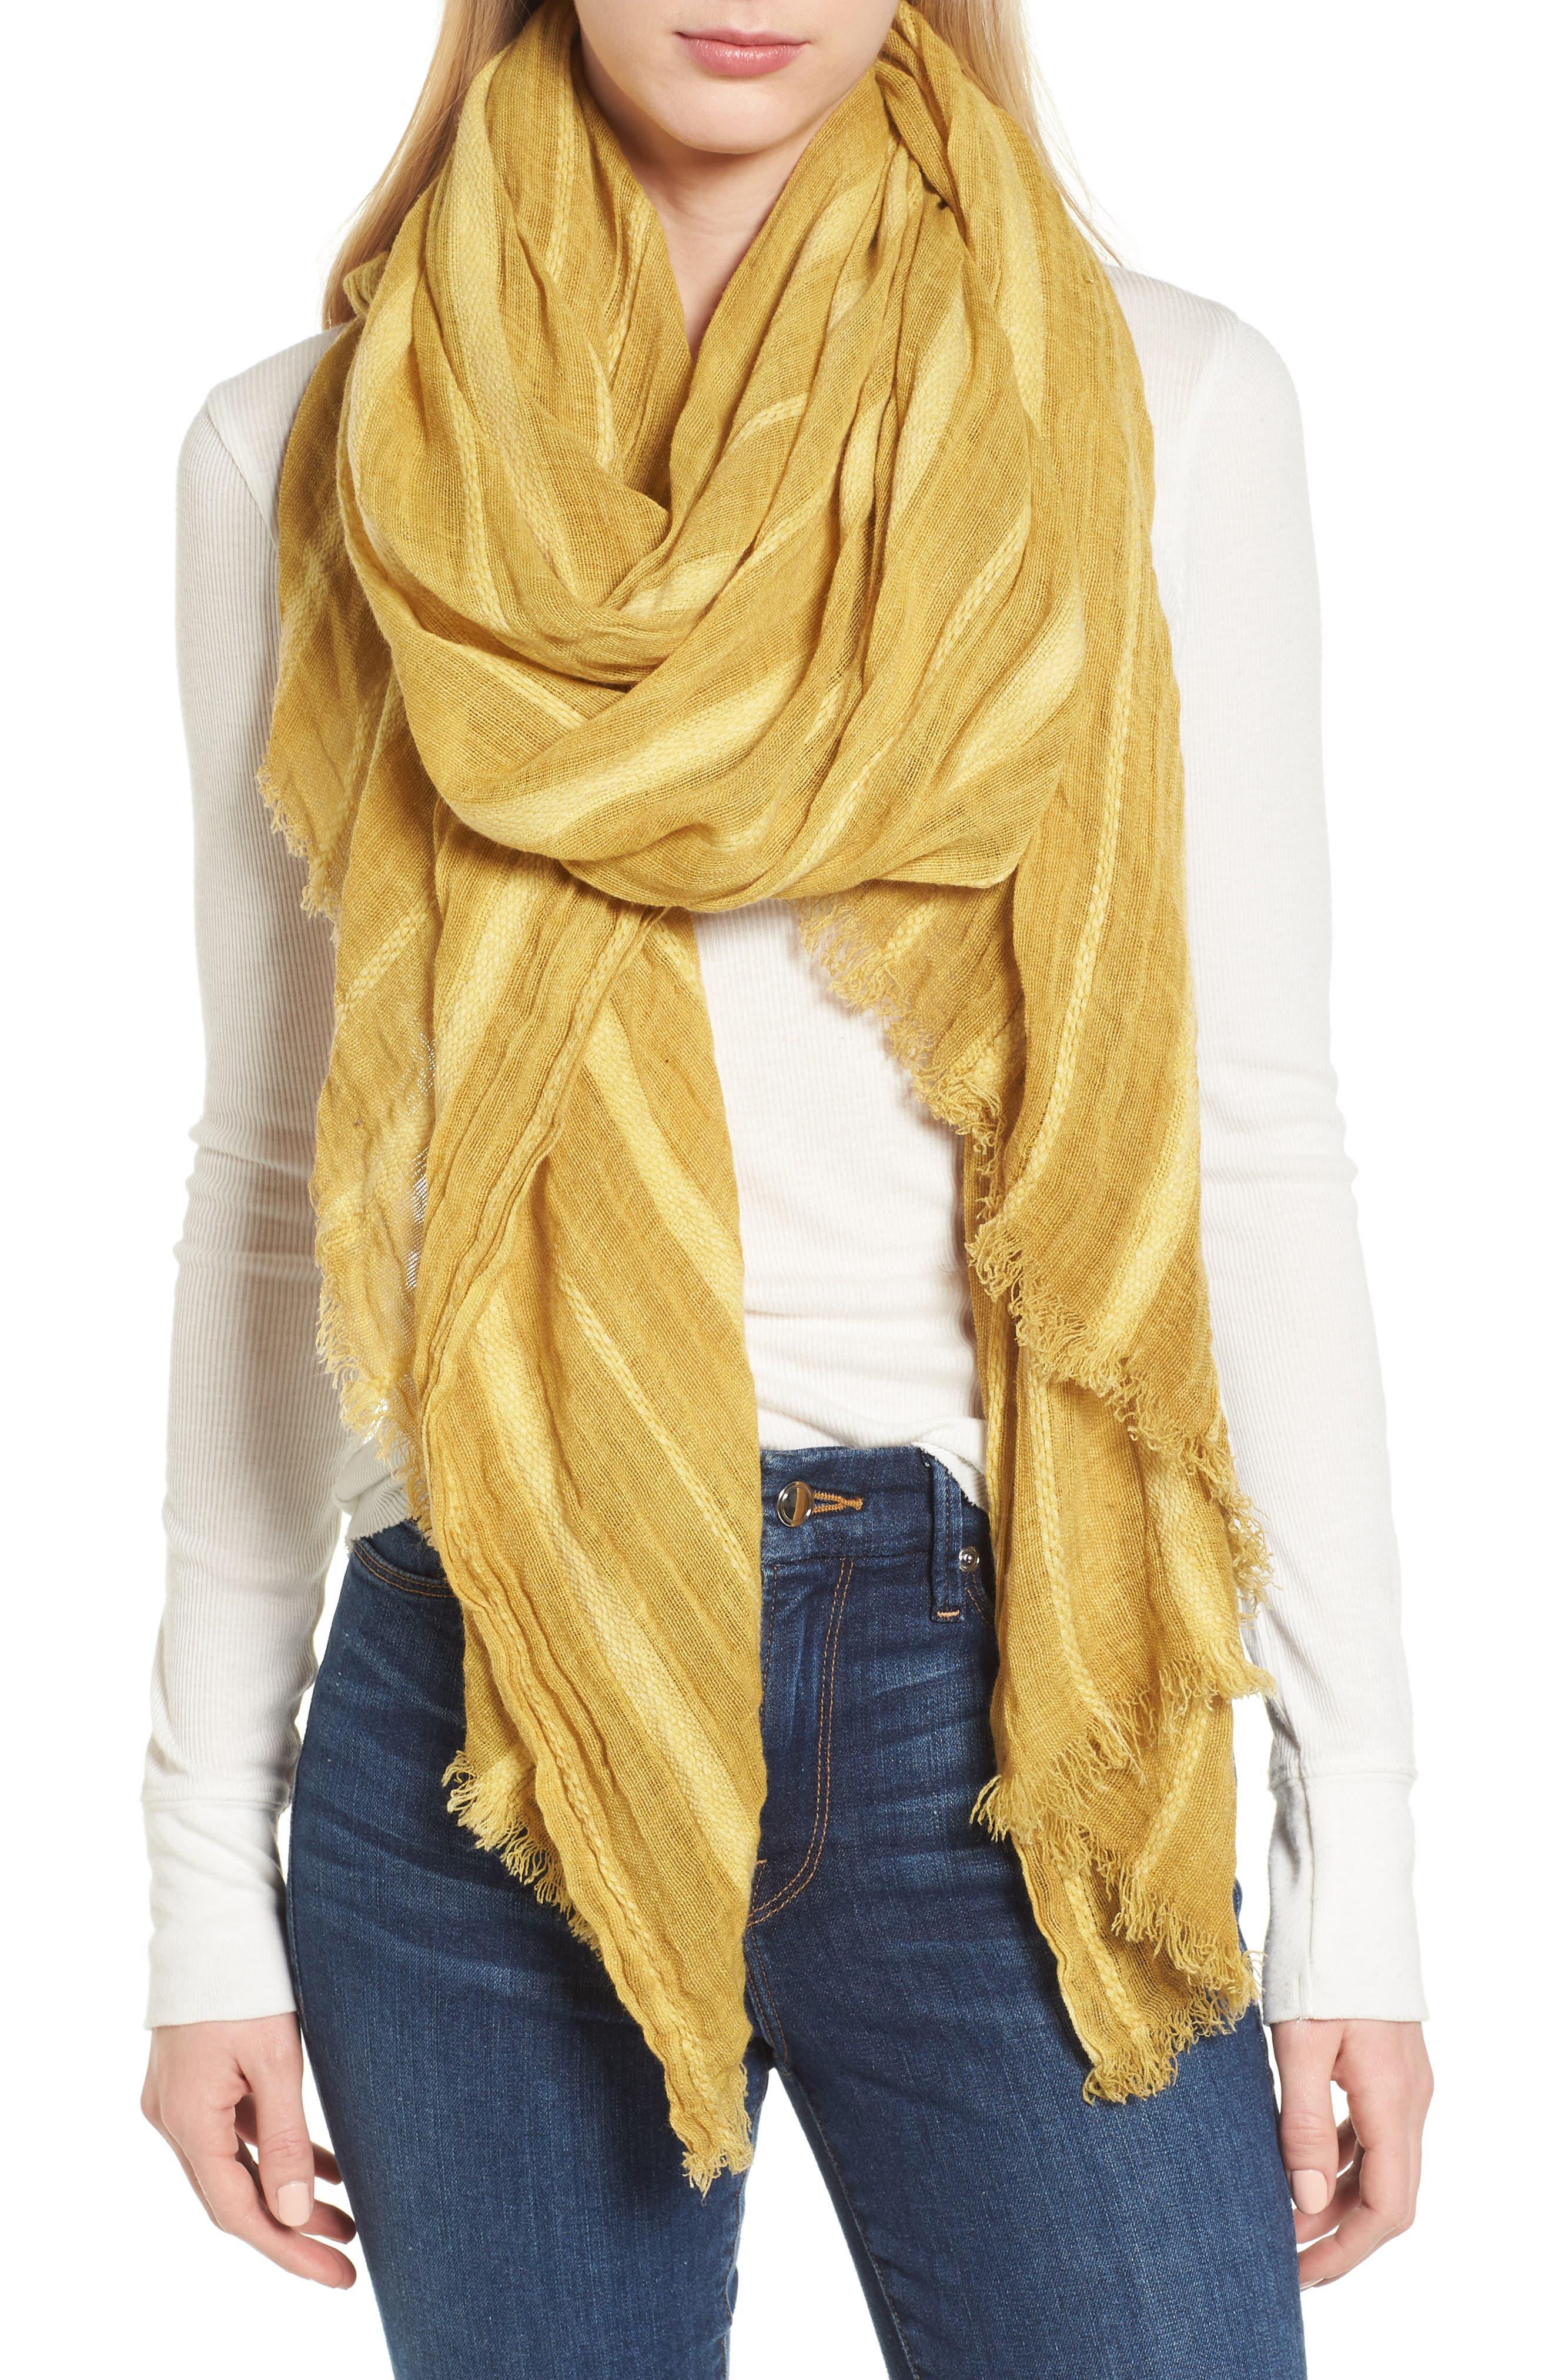 nike blazer purple yellow scarf